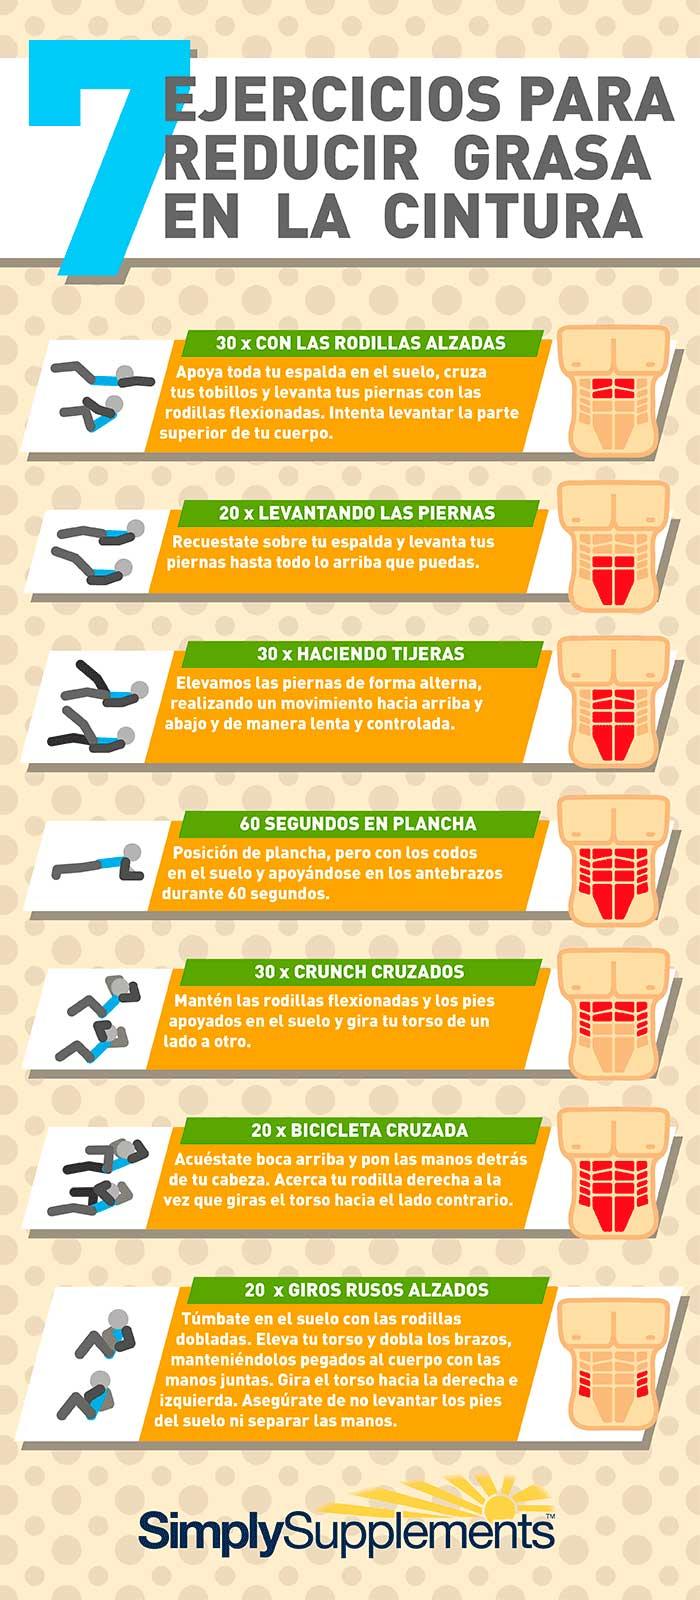 7 ejercicios abdominales para reducir la grasa de la cintura - Ejercicios para adelgazar barriga en casa ...